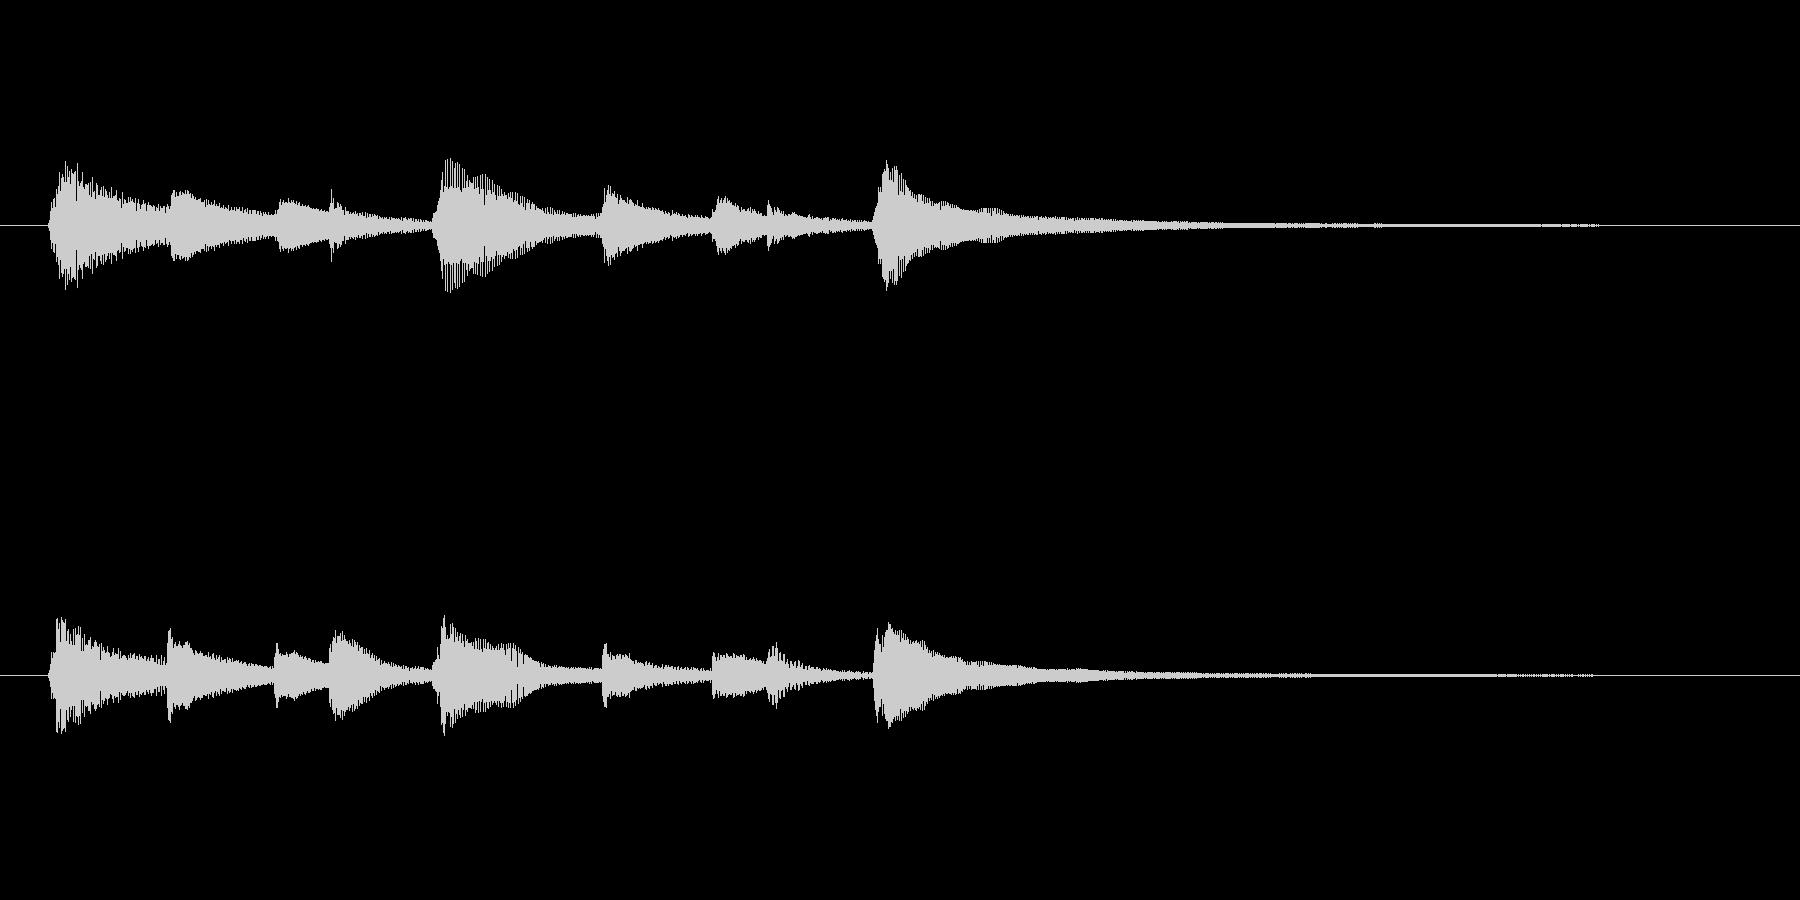 CM等で使いやすいピアノソロジングルの未再生の波形